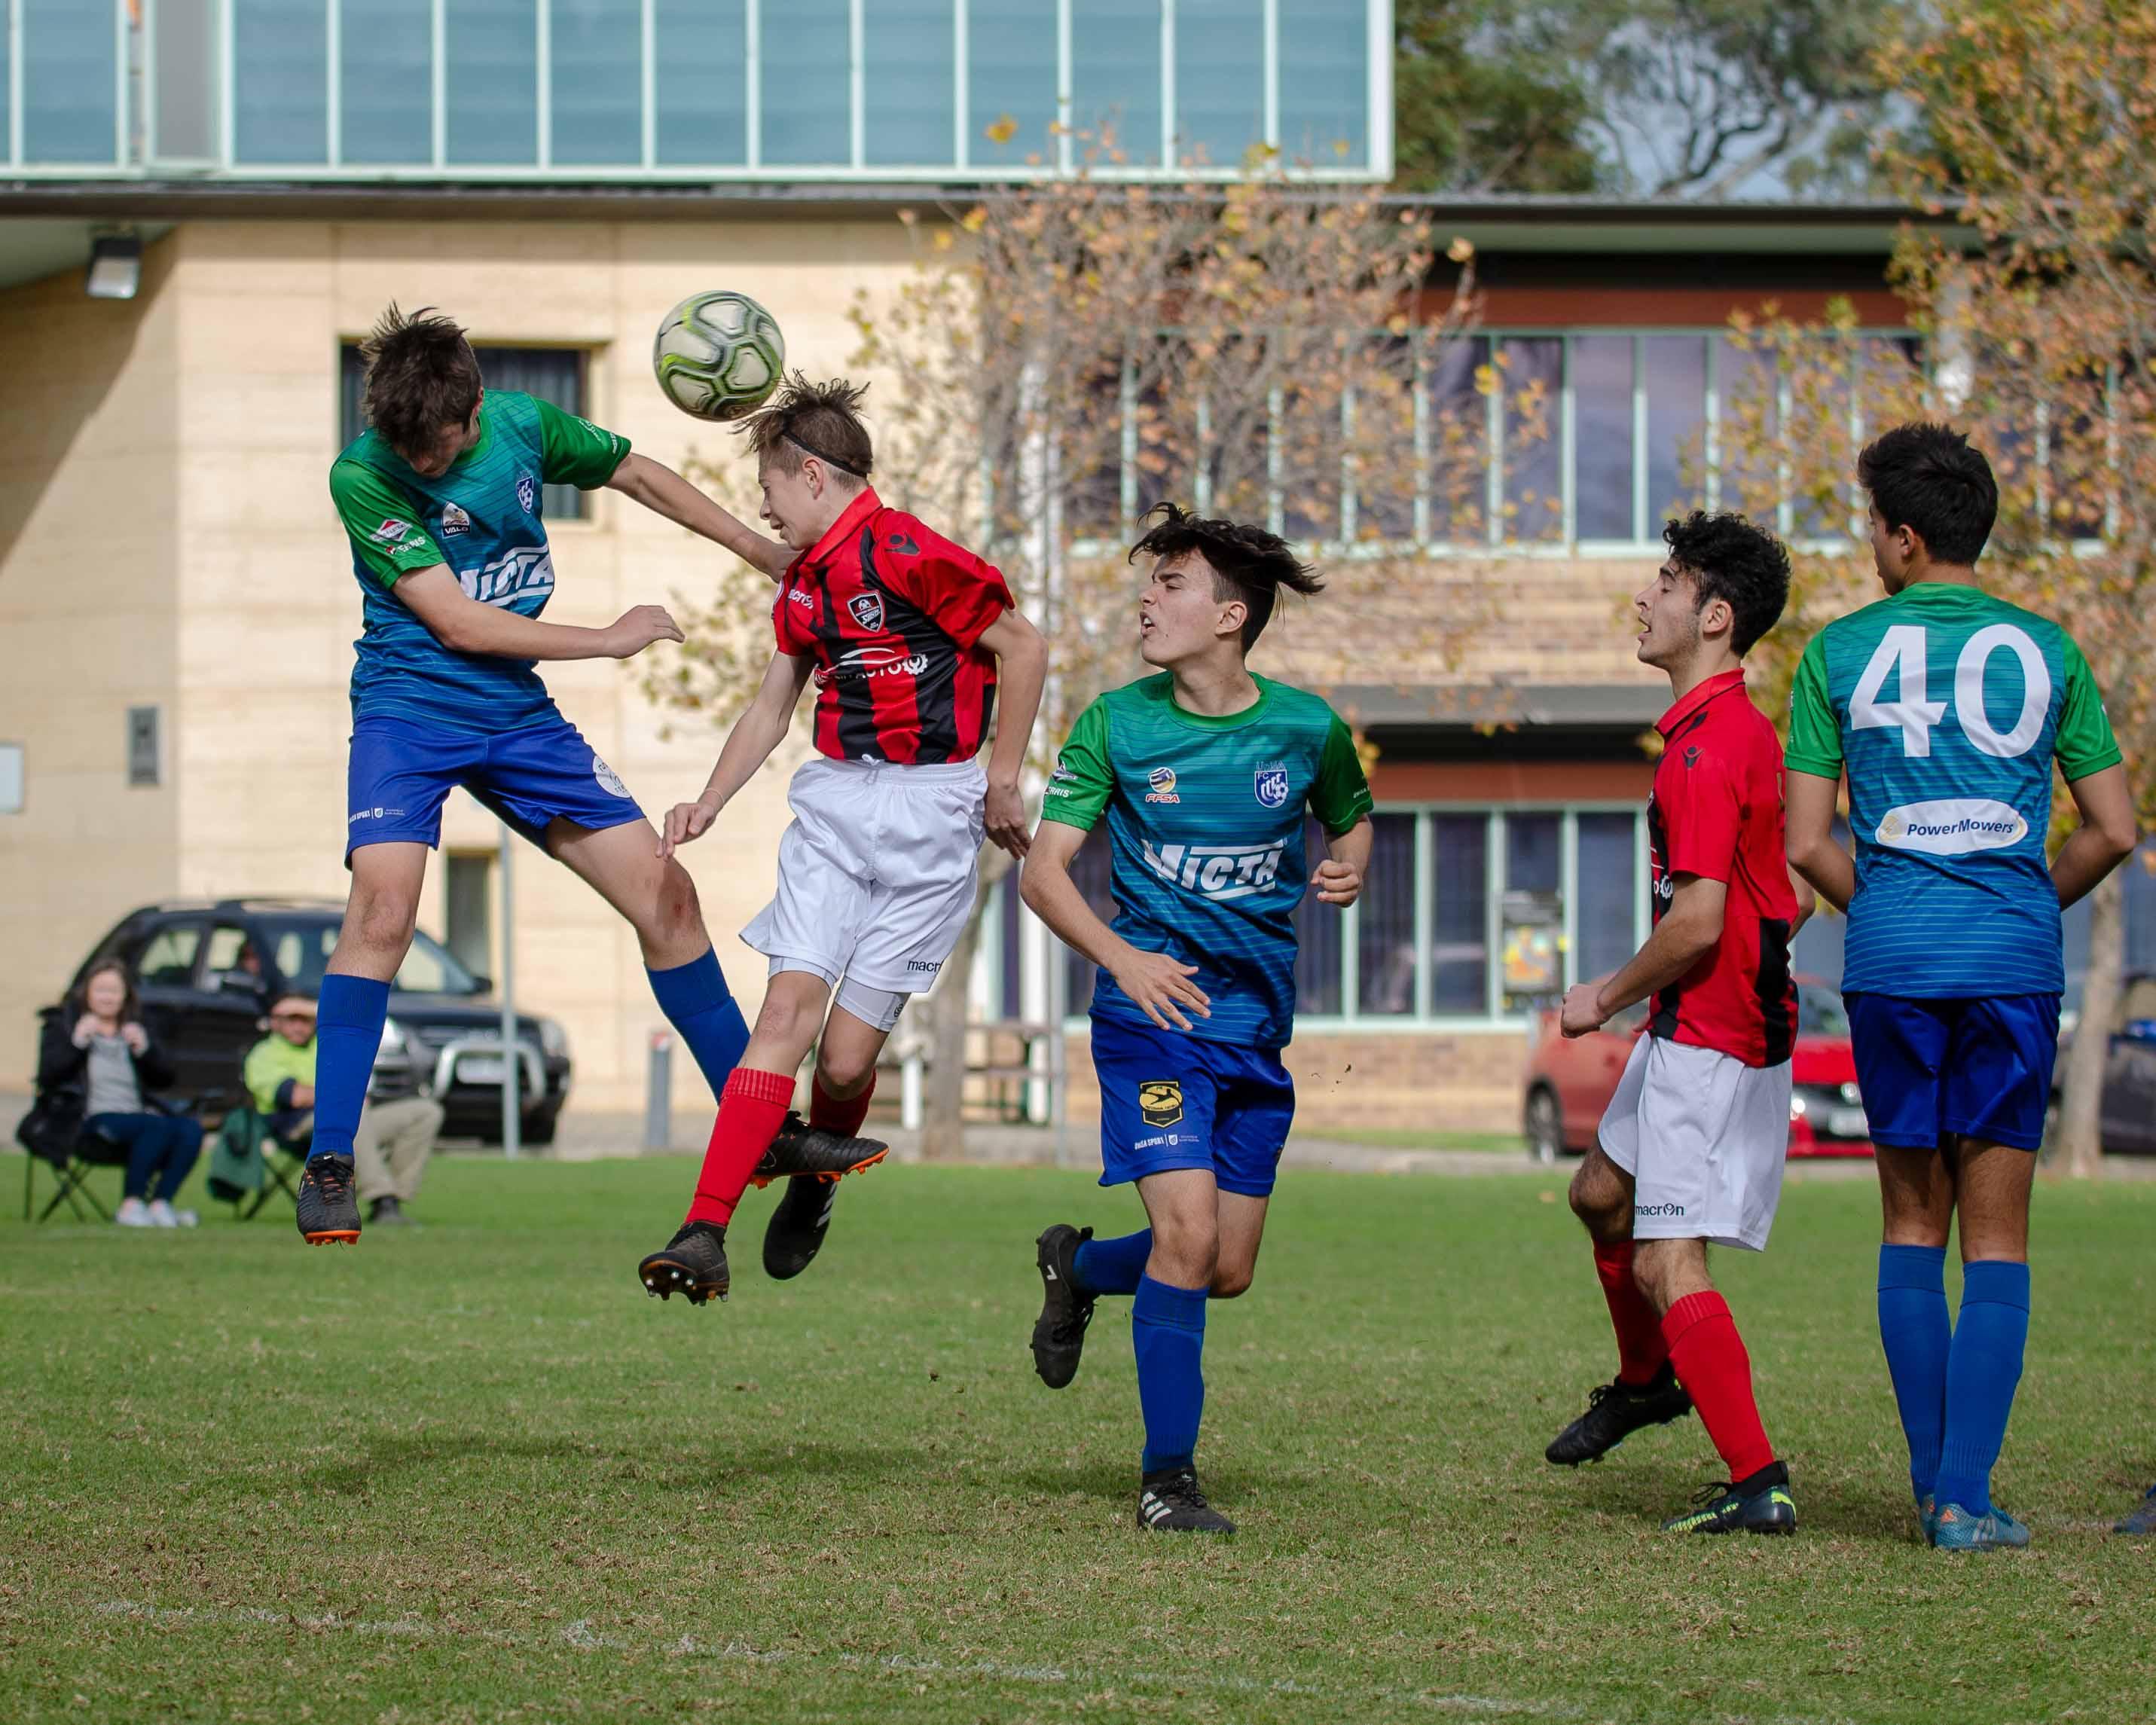 SL2 U18 UNISA v EUFC